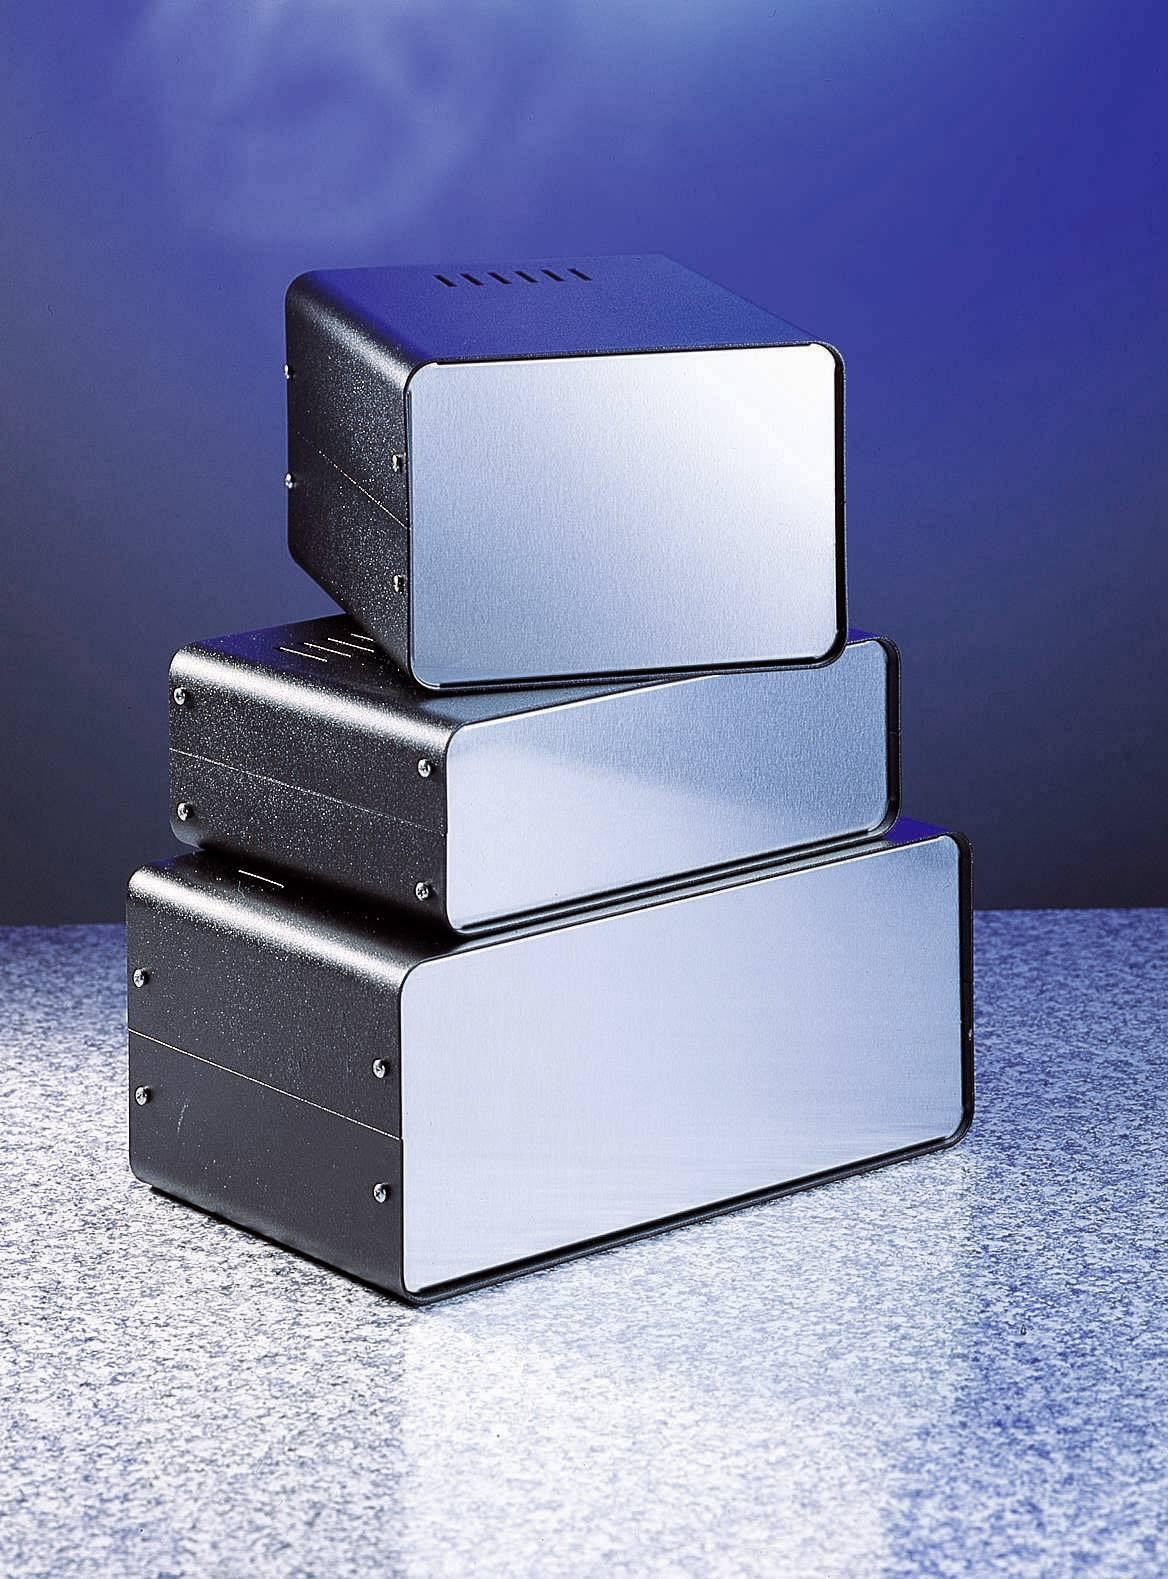 Univerzálne púzdro GSS10 GSS10, 250 x 200 x 150 , oceľ, hliník, čierna, 1 ks